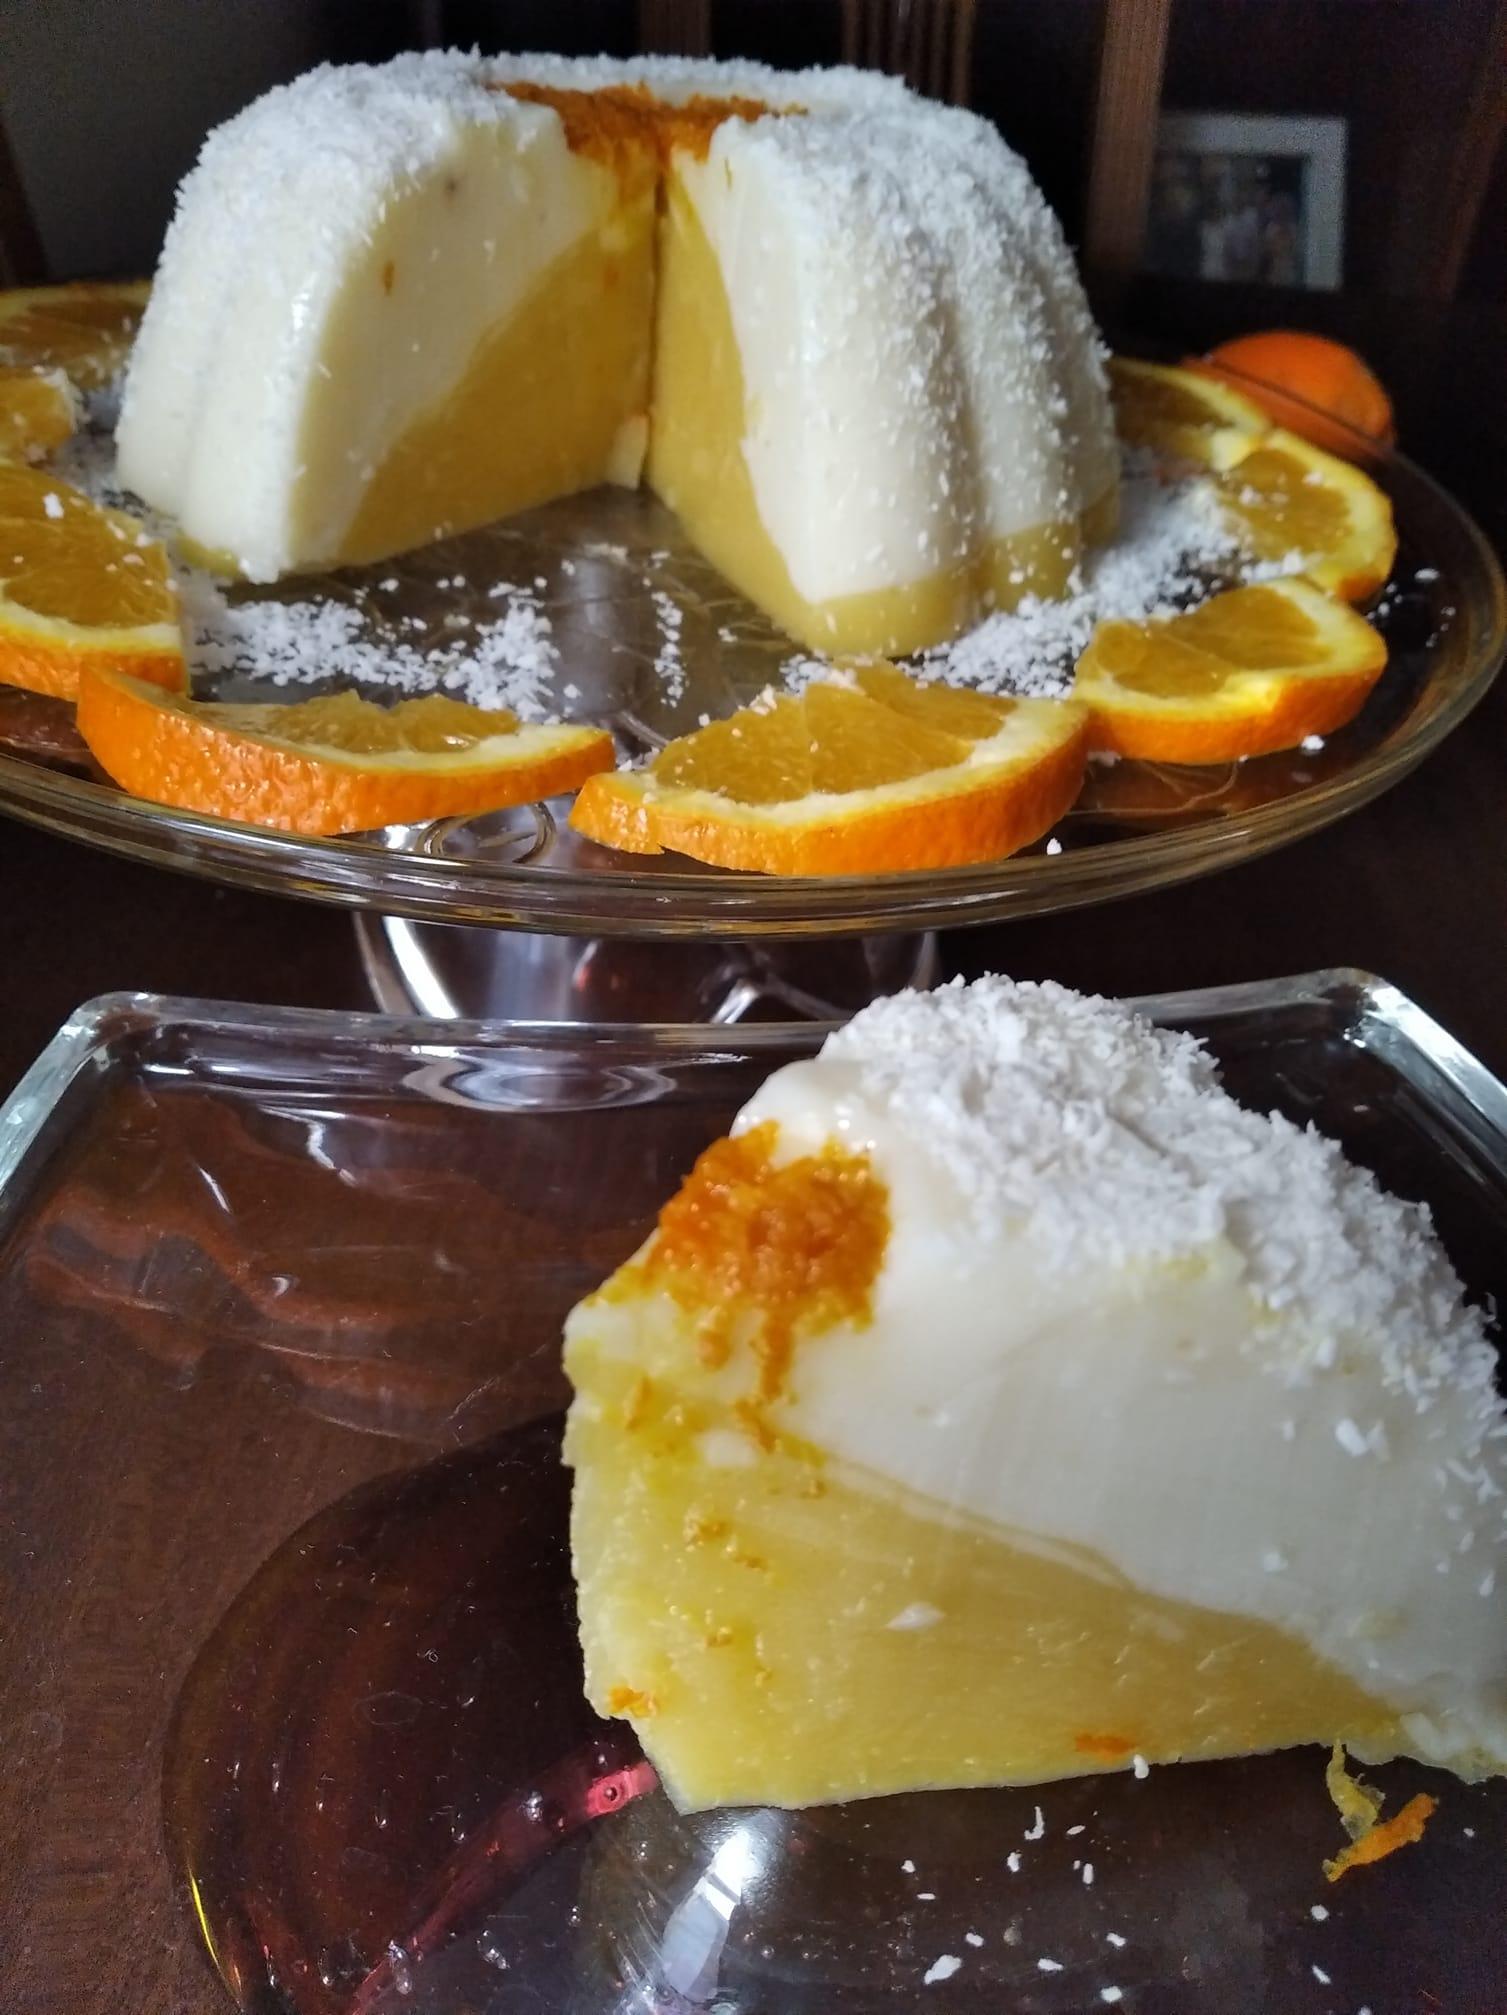 Δίχρωμη_ κρέμα_ σε _φόρμα_ πορτοκάλι-βανίλια_